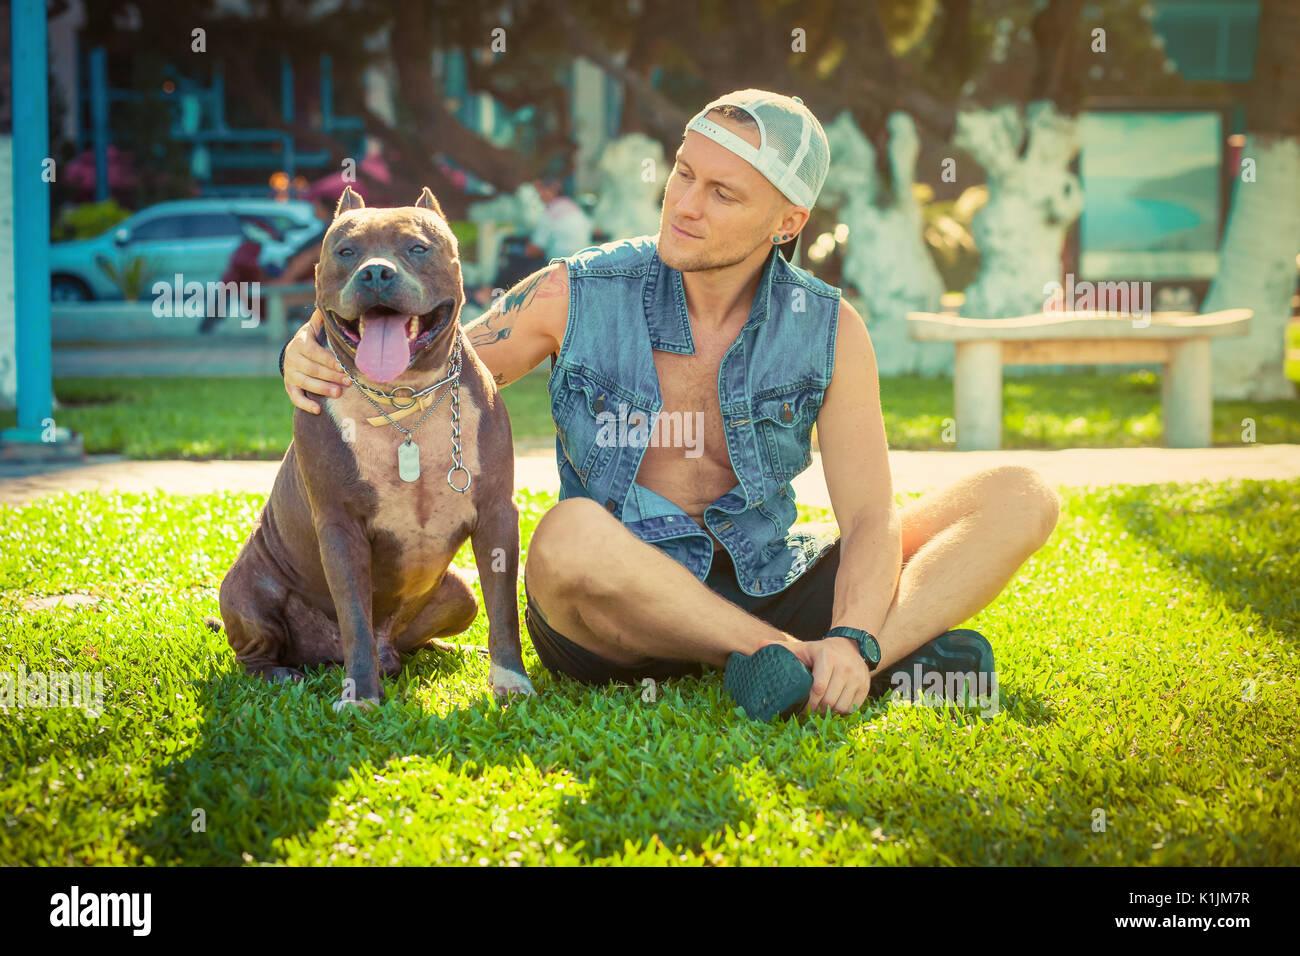 Hombre y el perro american pit bull terrier, relajándose en el parque abrazando y abrazos Imagen De Stock